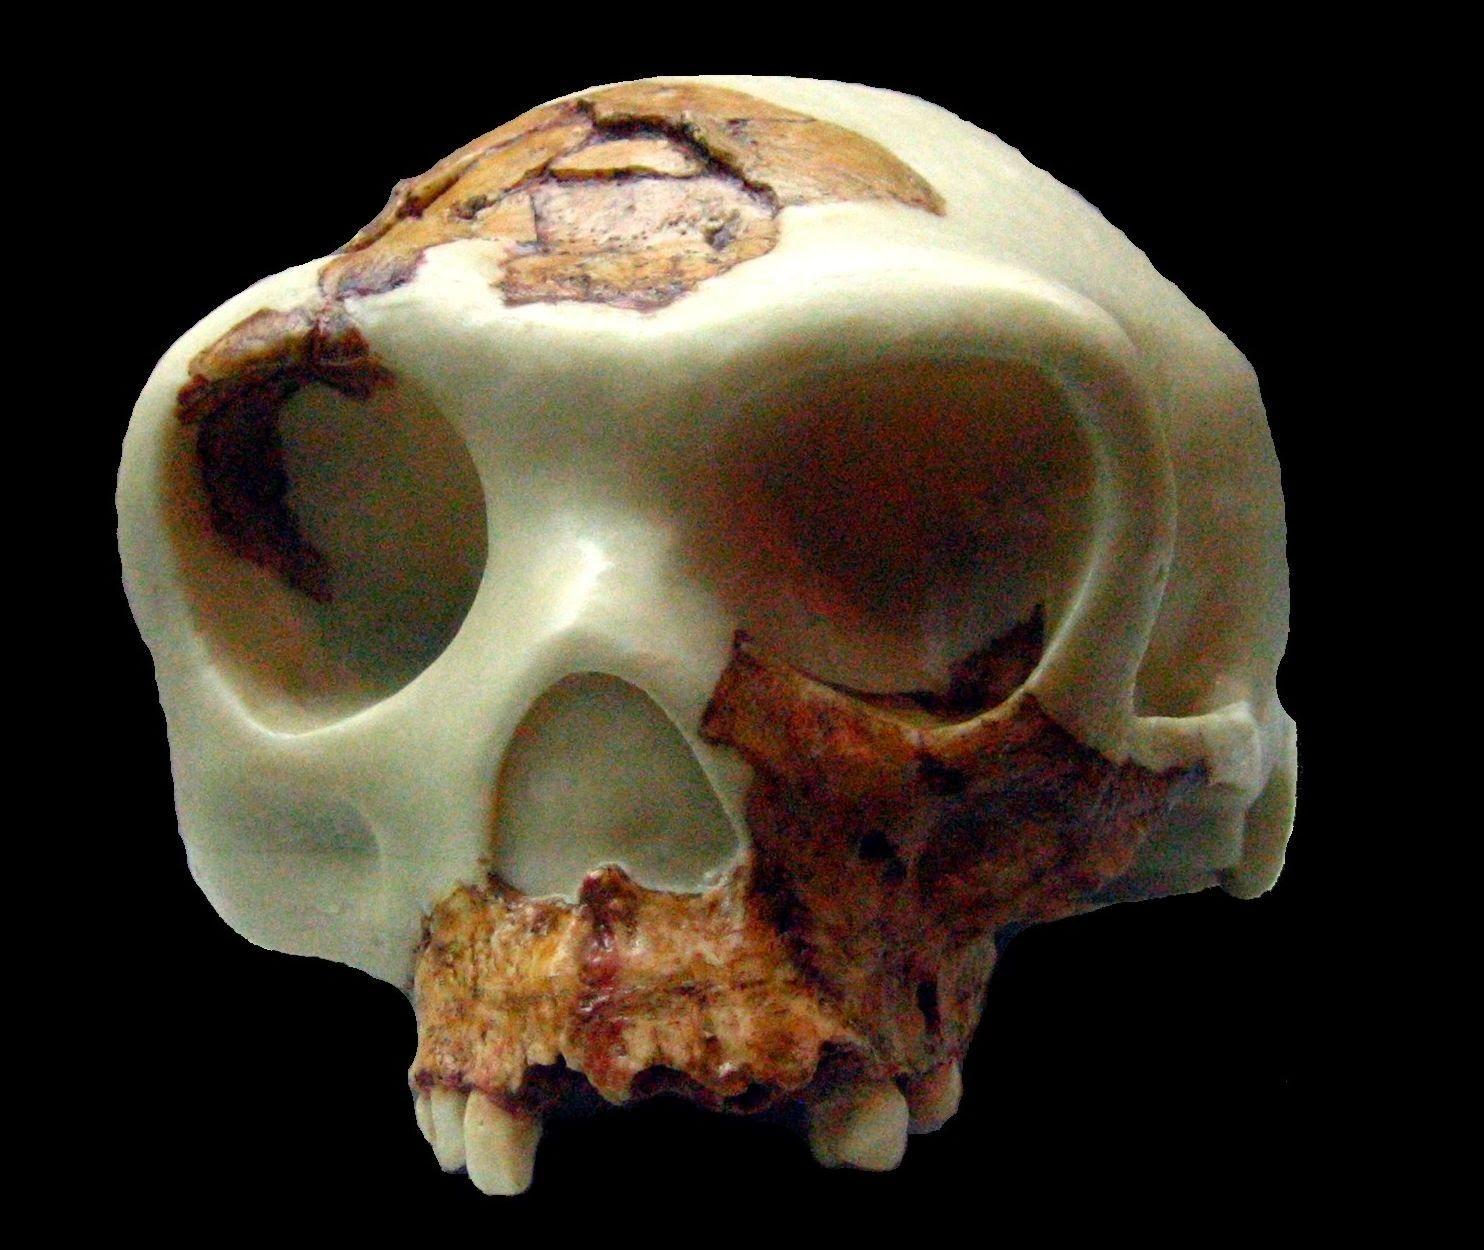 Pin on Human Evolution